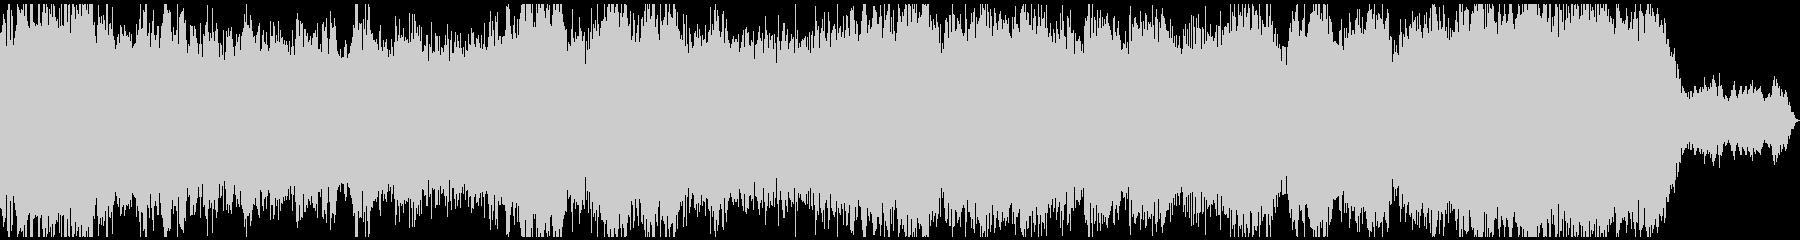 PADS 謎のミステリー01の未再生の波形